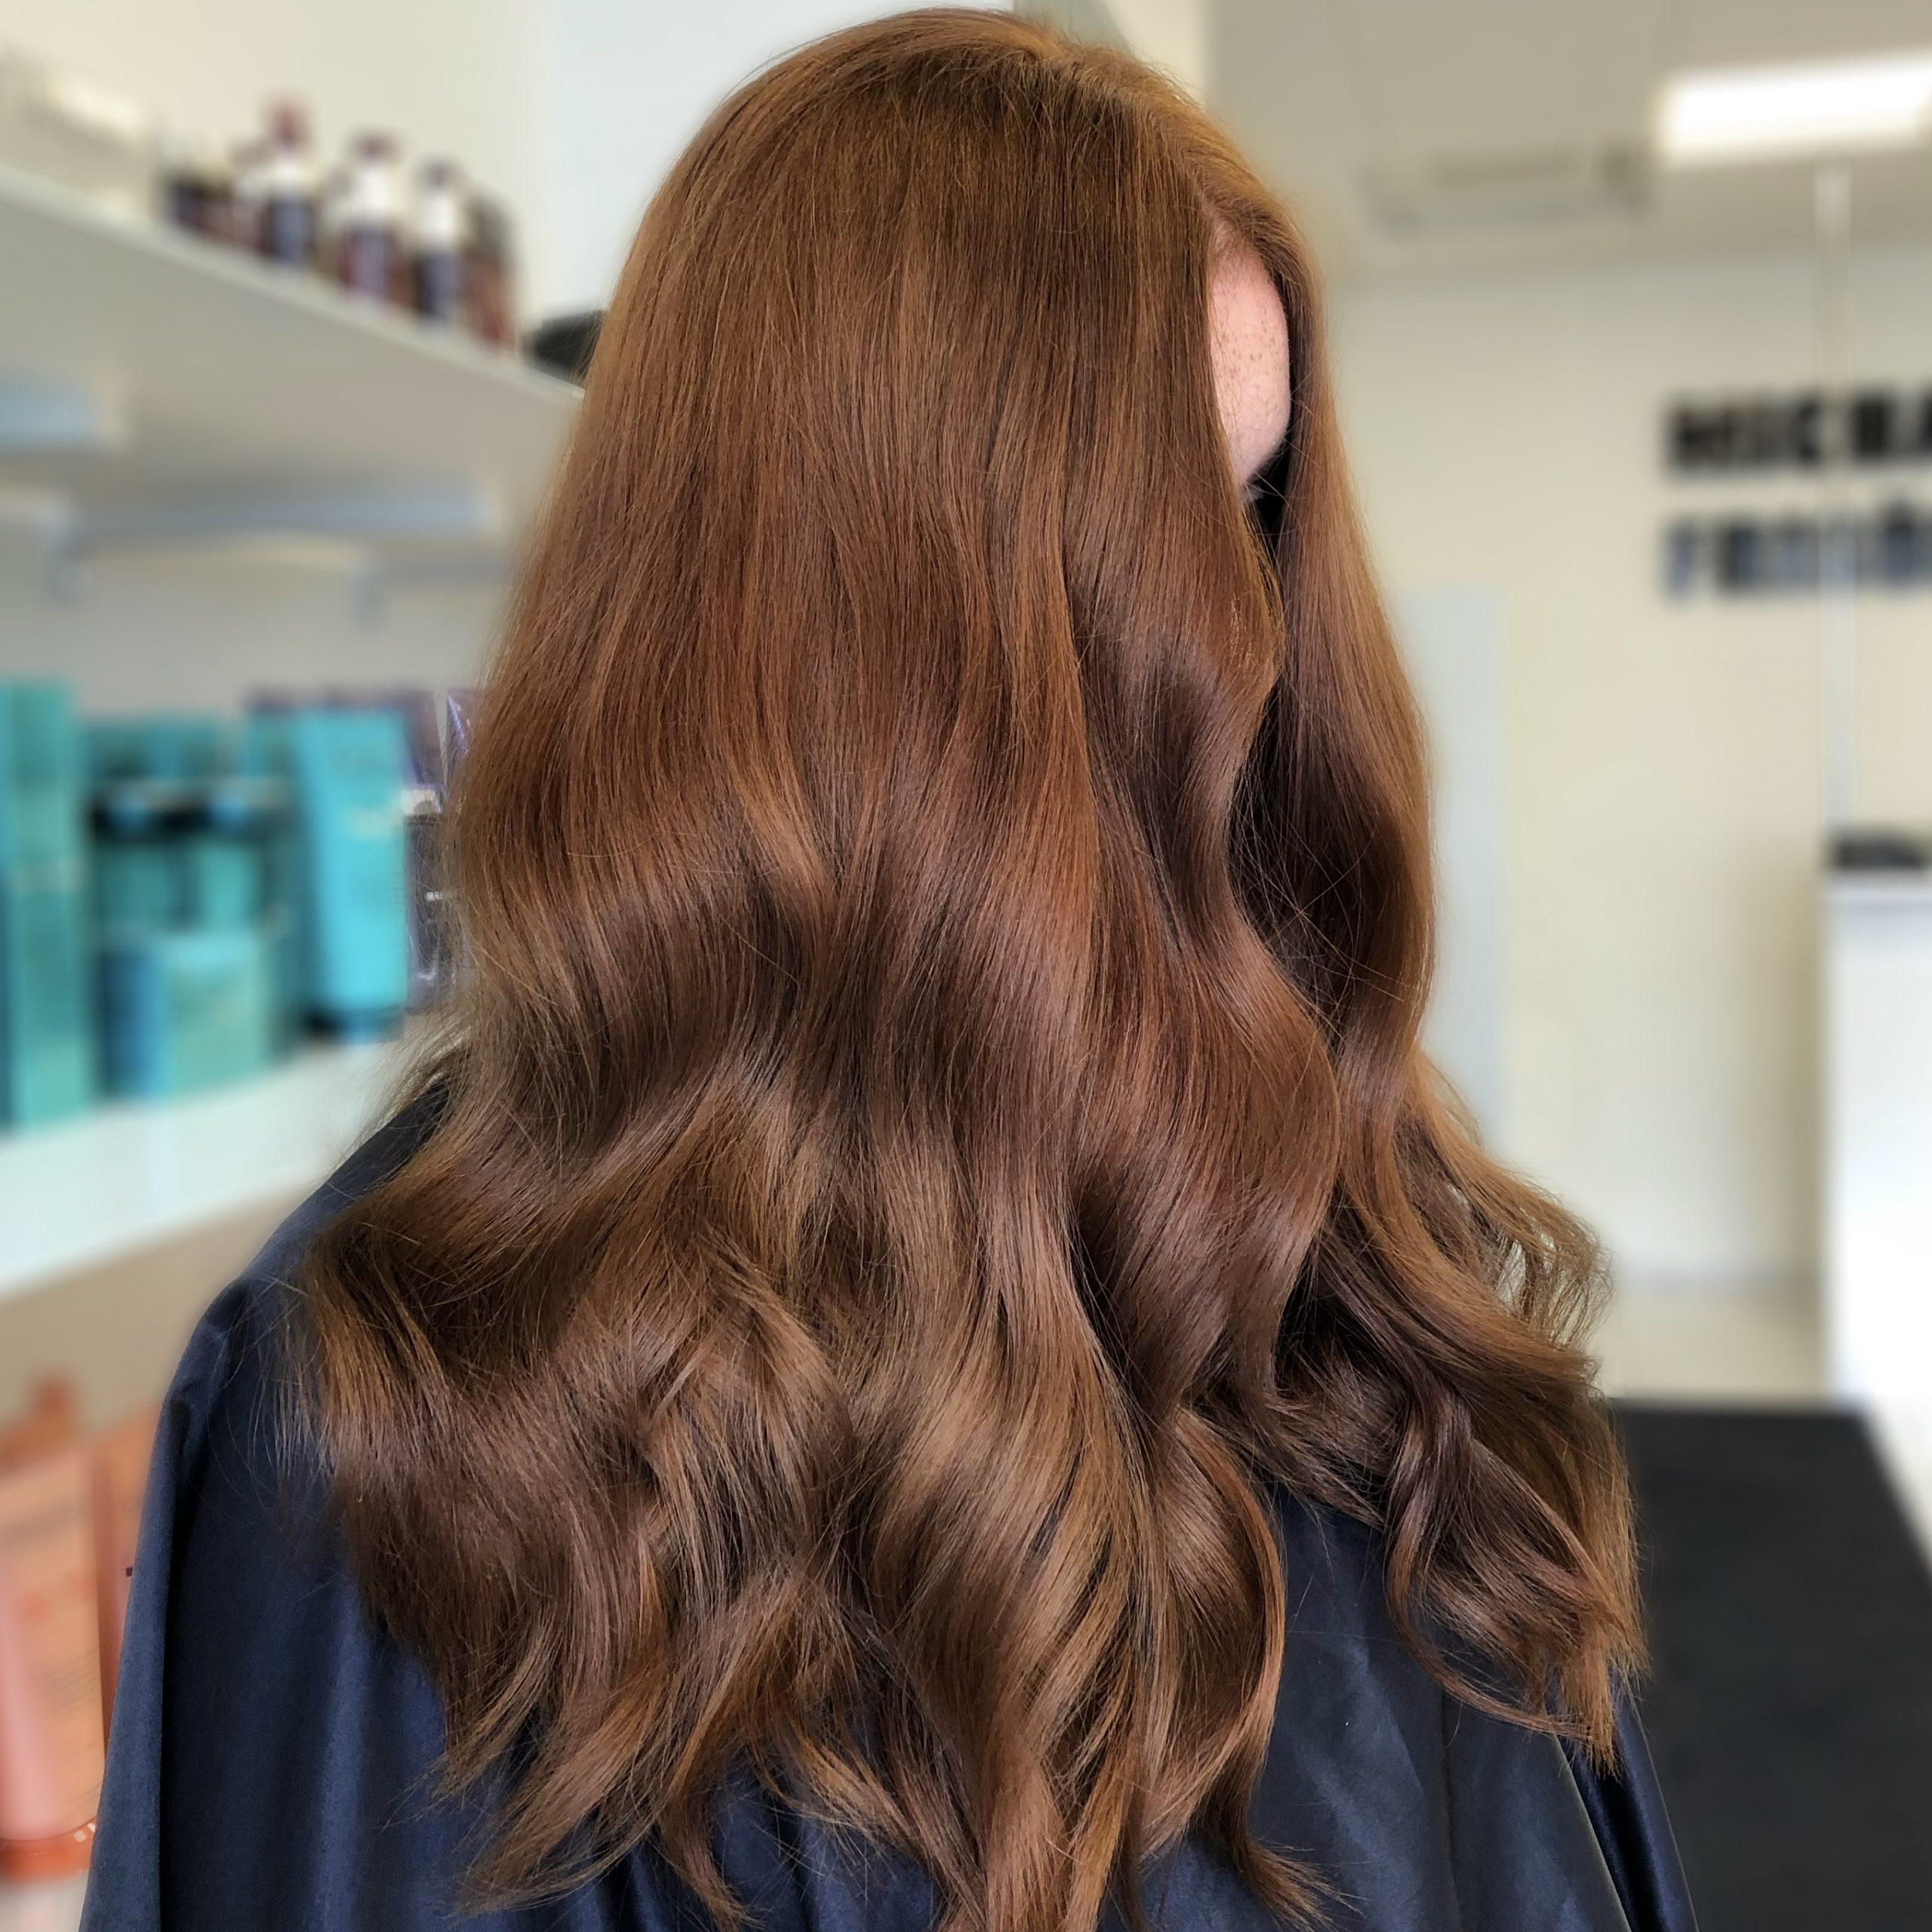 brun hårfärg koppar färg